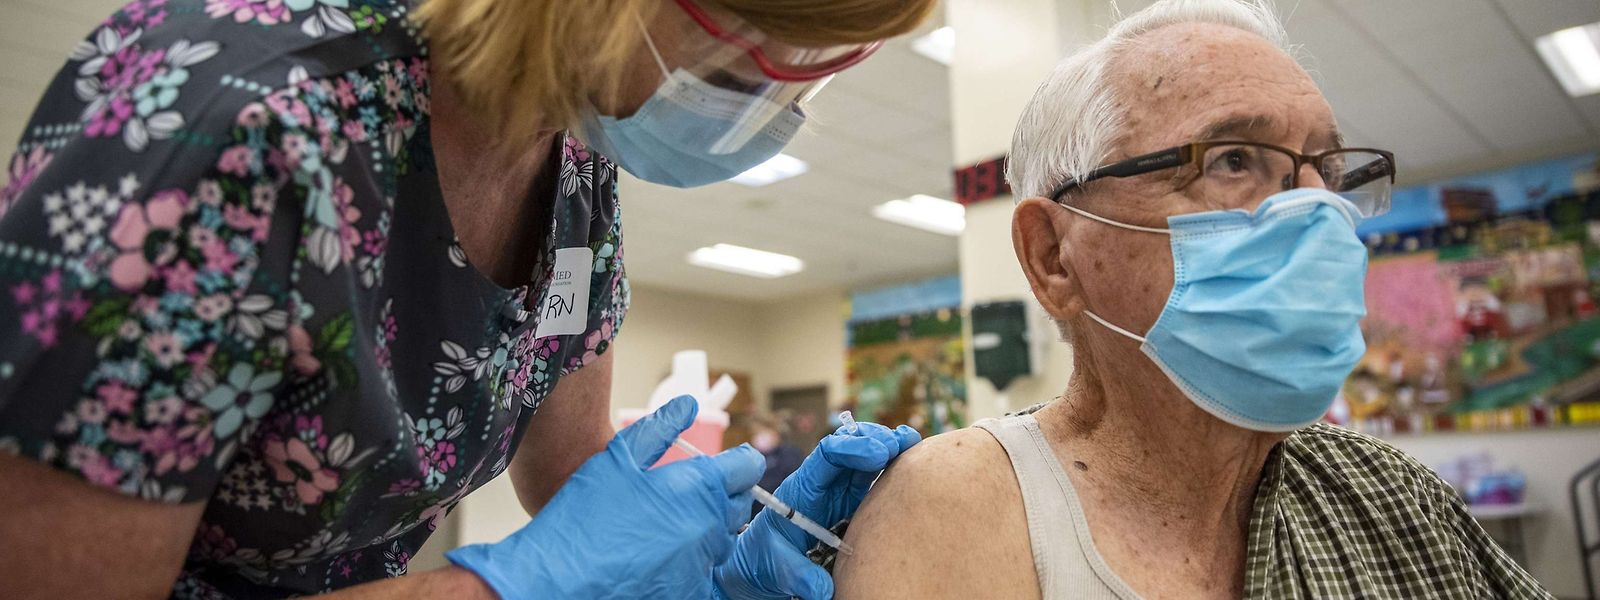 Les équipes mobiles déployées dans le pays ont déjà administré 17.386 doses anti-covid notamment en maisons de retraite.